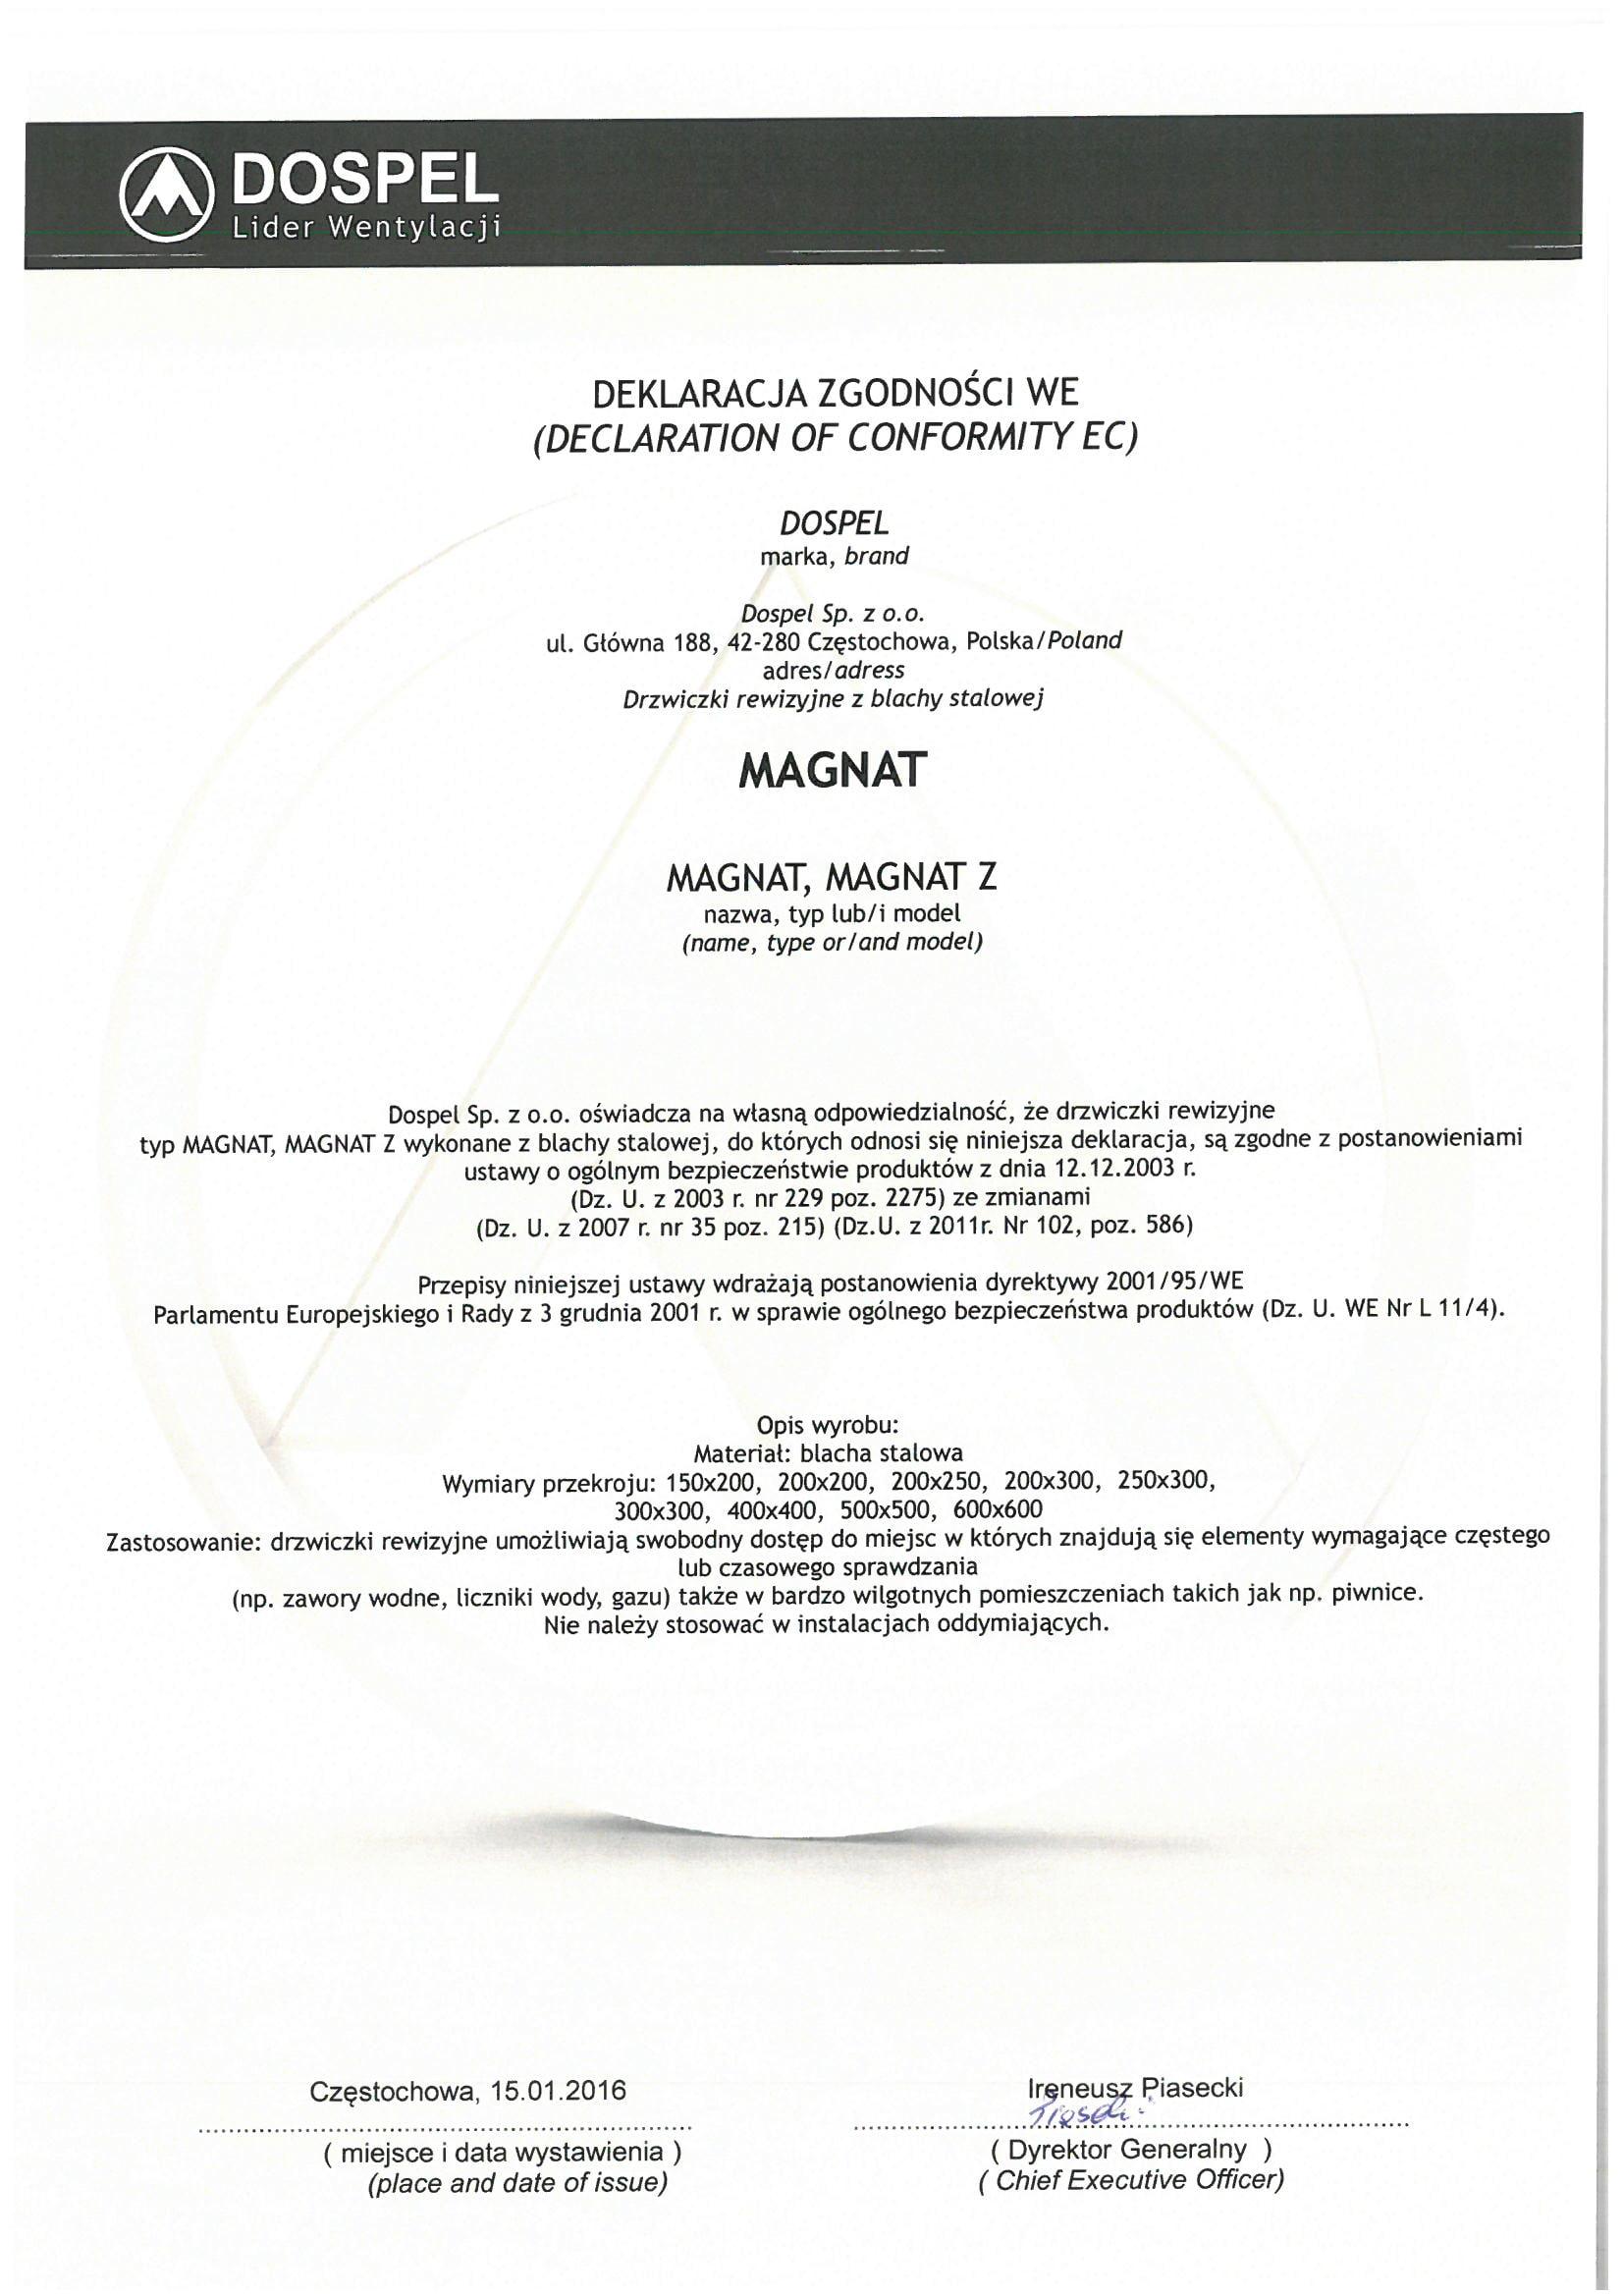 Drzwiczki rewizyjne, Magnat, certyfikat, deklaracja zgodności, producent wentylatorów, Dospel